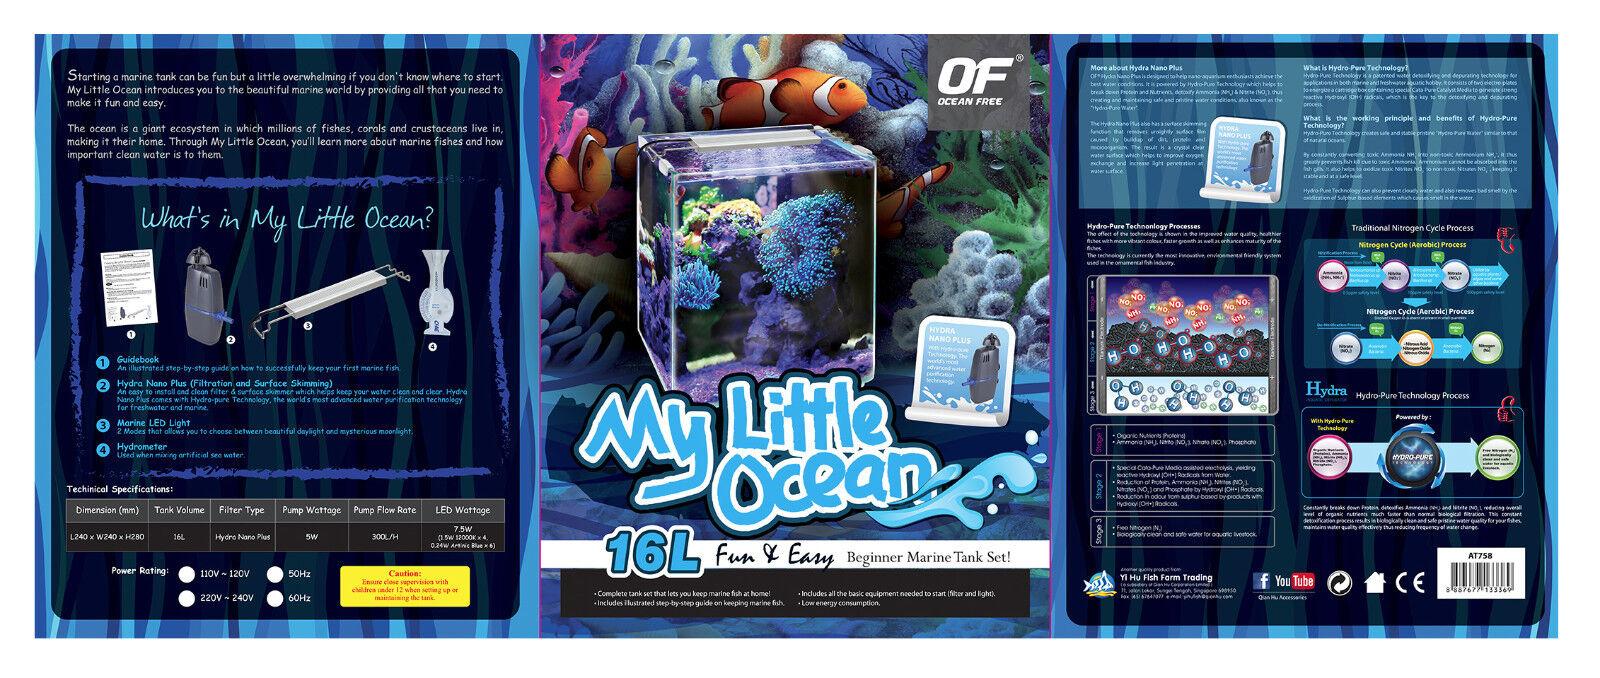 merce di alta qualità e servizio conveniente e onesto OF OCEAN FREE FREE FREE MY LITTLE OCEAN BEGINNER MARINE TANK (16 L) 4 GALLON  ultimi stili